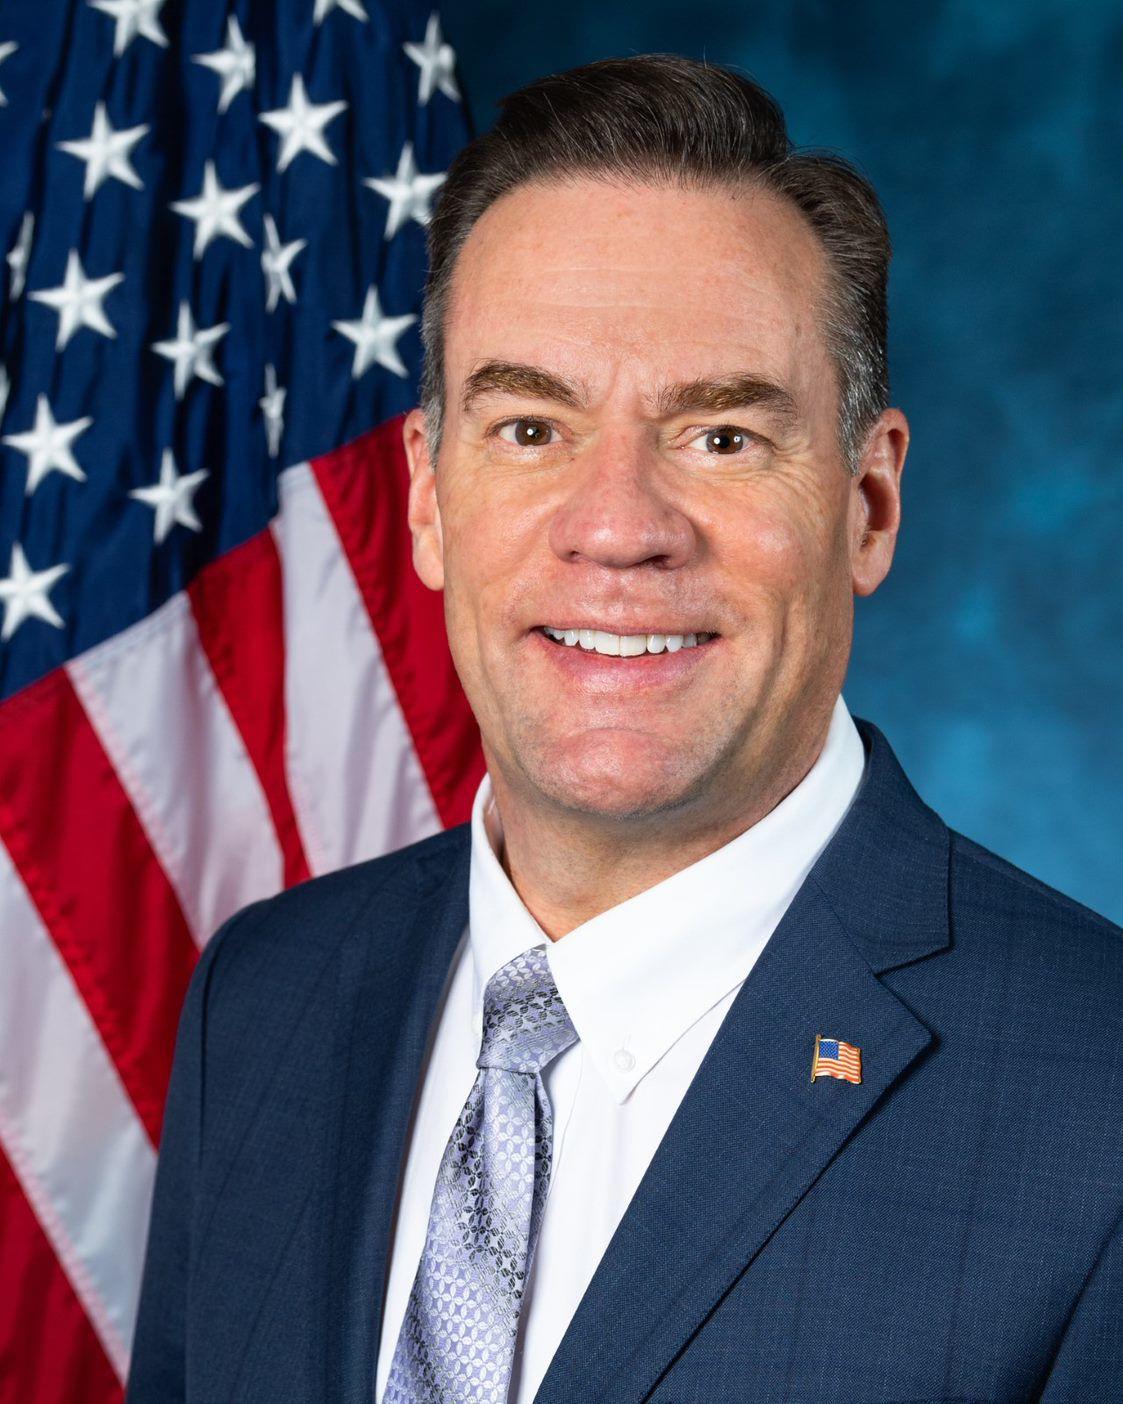 Rep. Russ Fulcher, R-Idaho